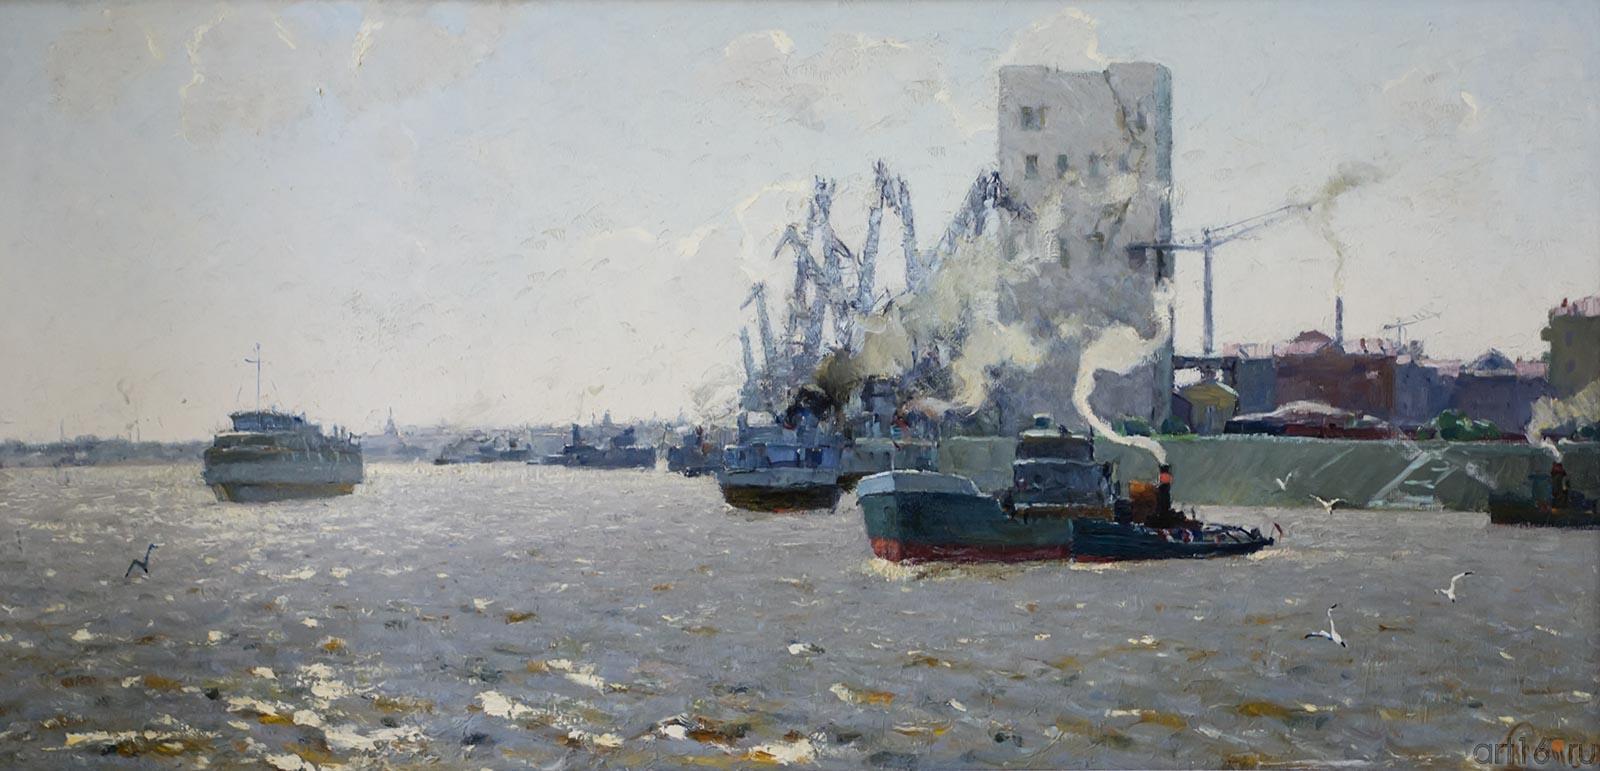 ВОЛГА У КАЗАНИ. 1963::Андрей Лаврентьевич Прокопьев. Выставка, посвященная 90-летию со дня рождения